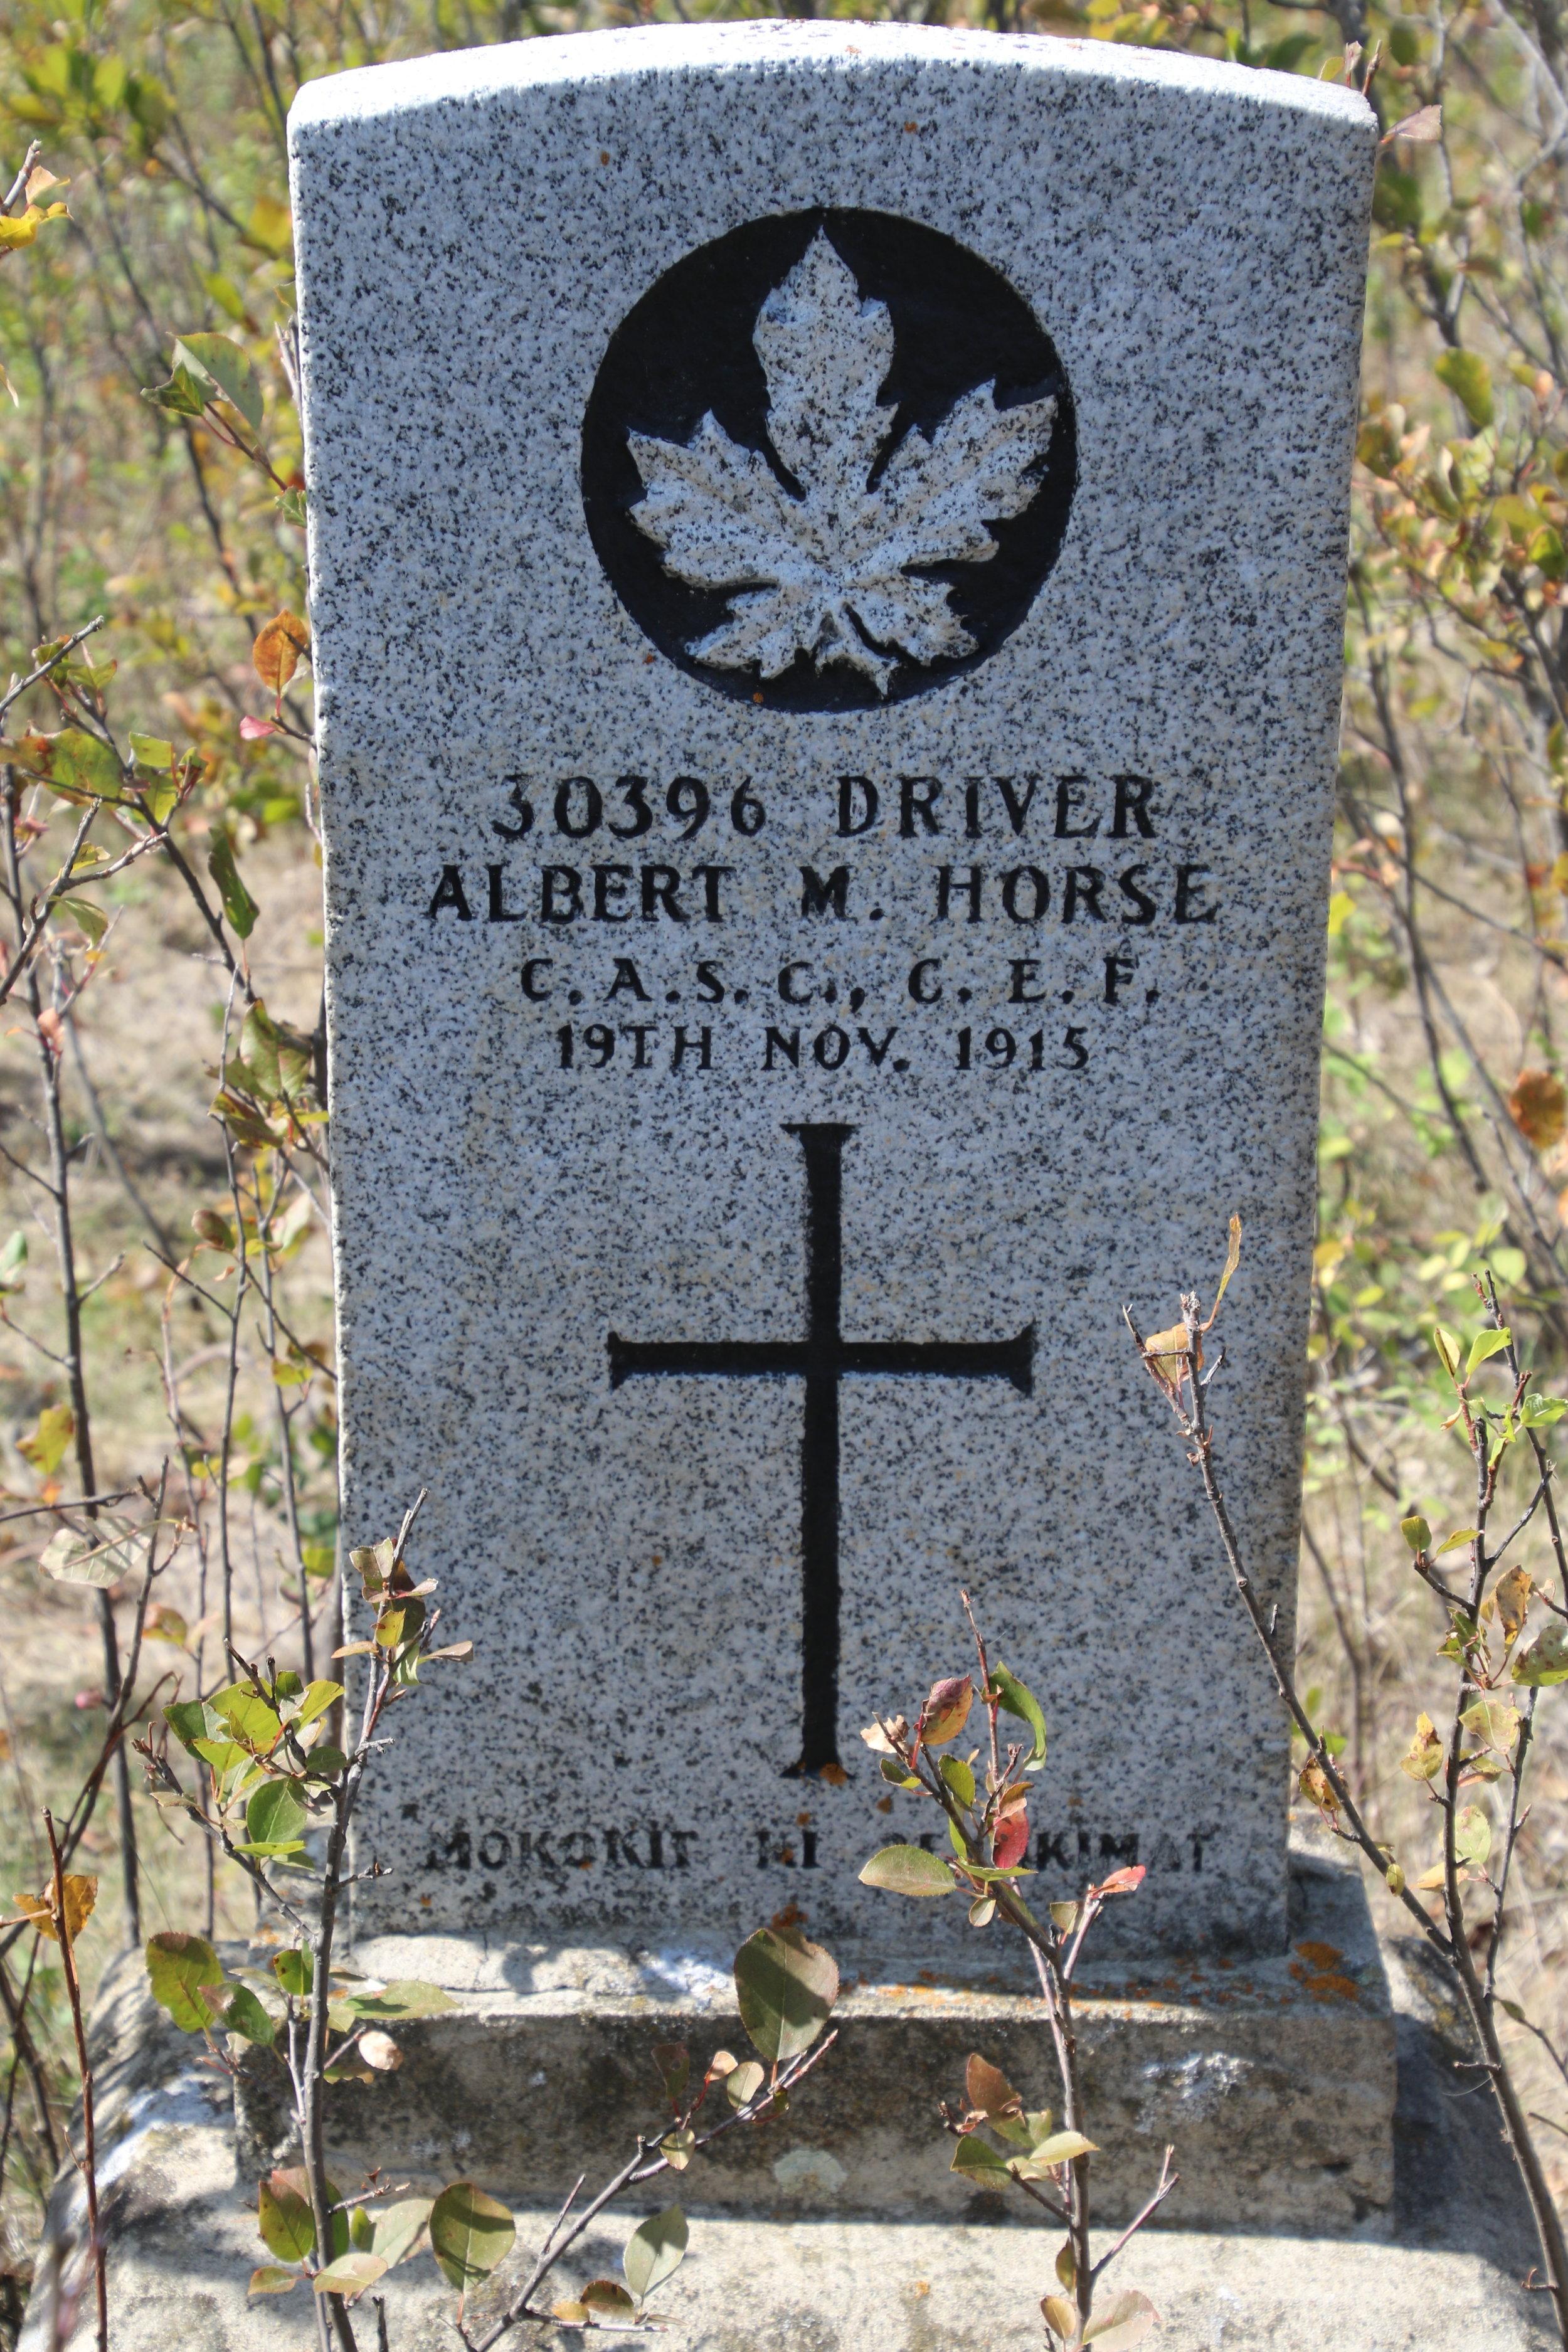 The gravestone for Albert Mountain Horse. Photo from Glenn Miller.